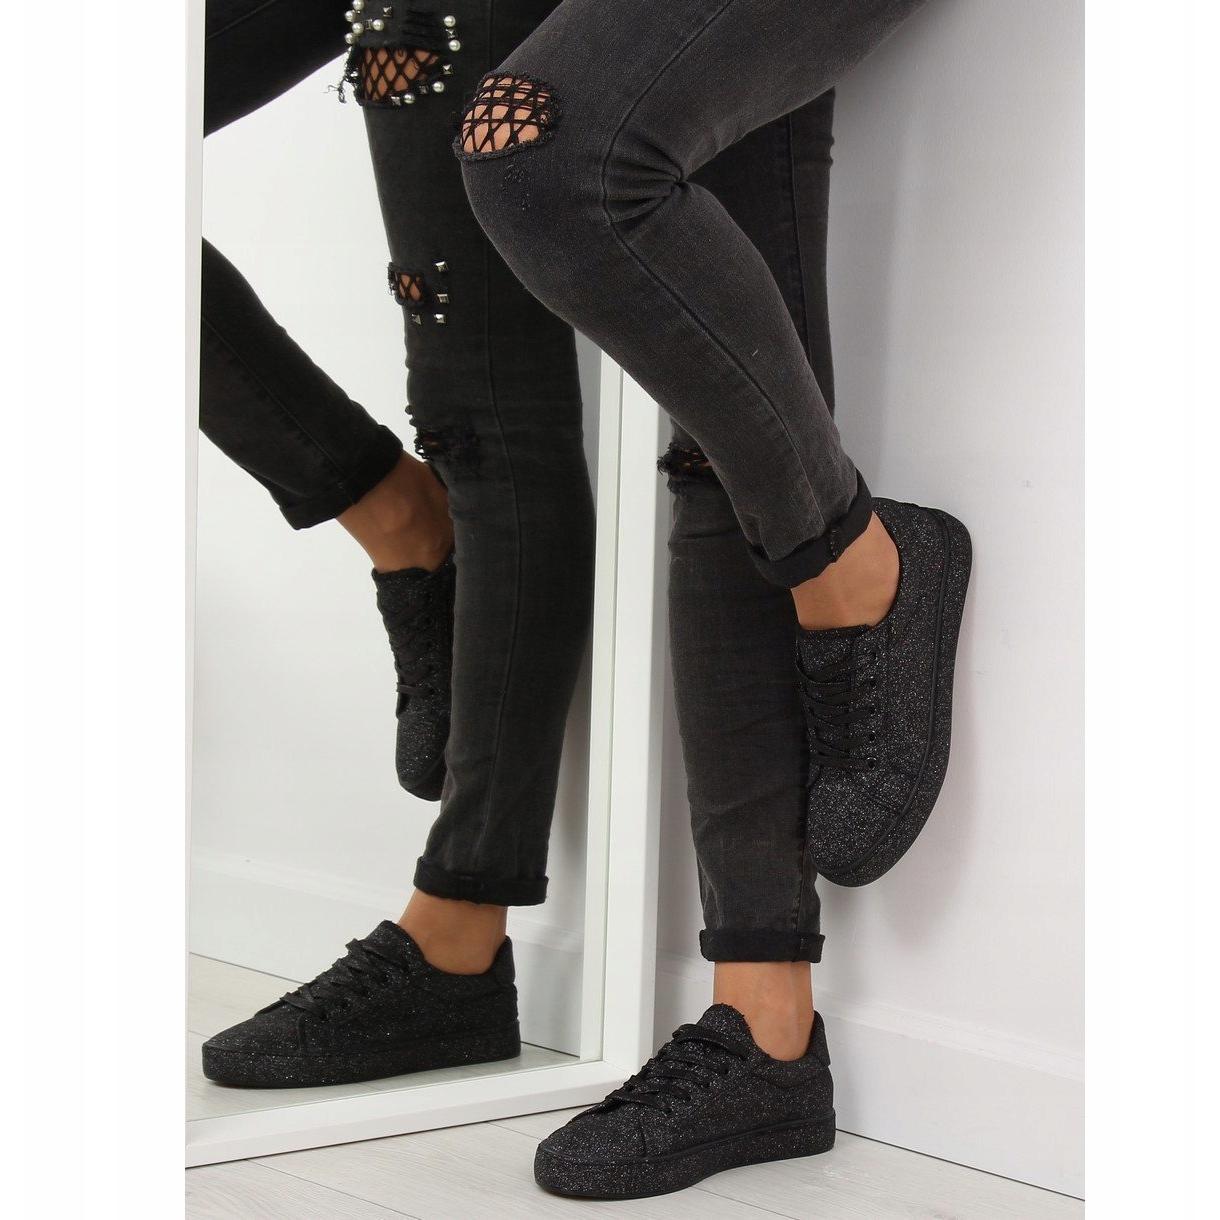 Nero-Sneakers-nere-iridescenti-BL142-nere miniatura 2